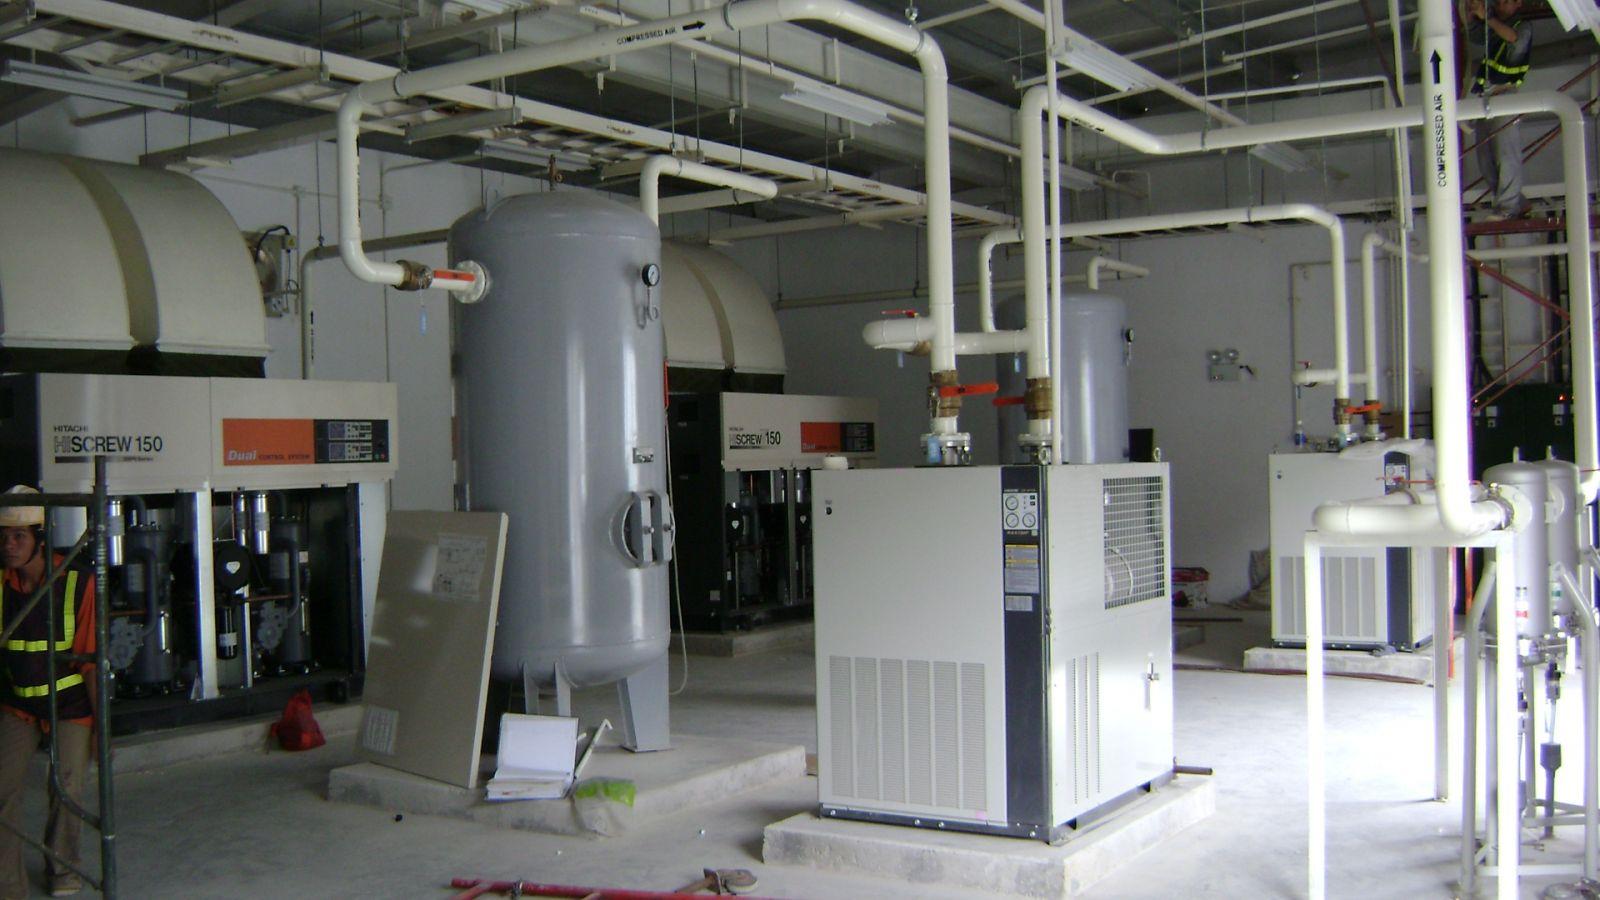 Cung cấp giải pháp cho hệ thống máy nén khí cũ